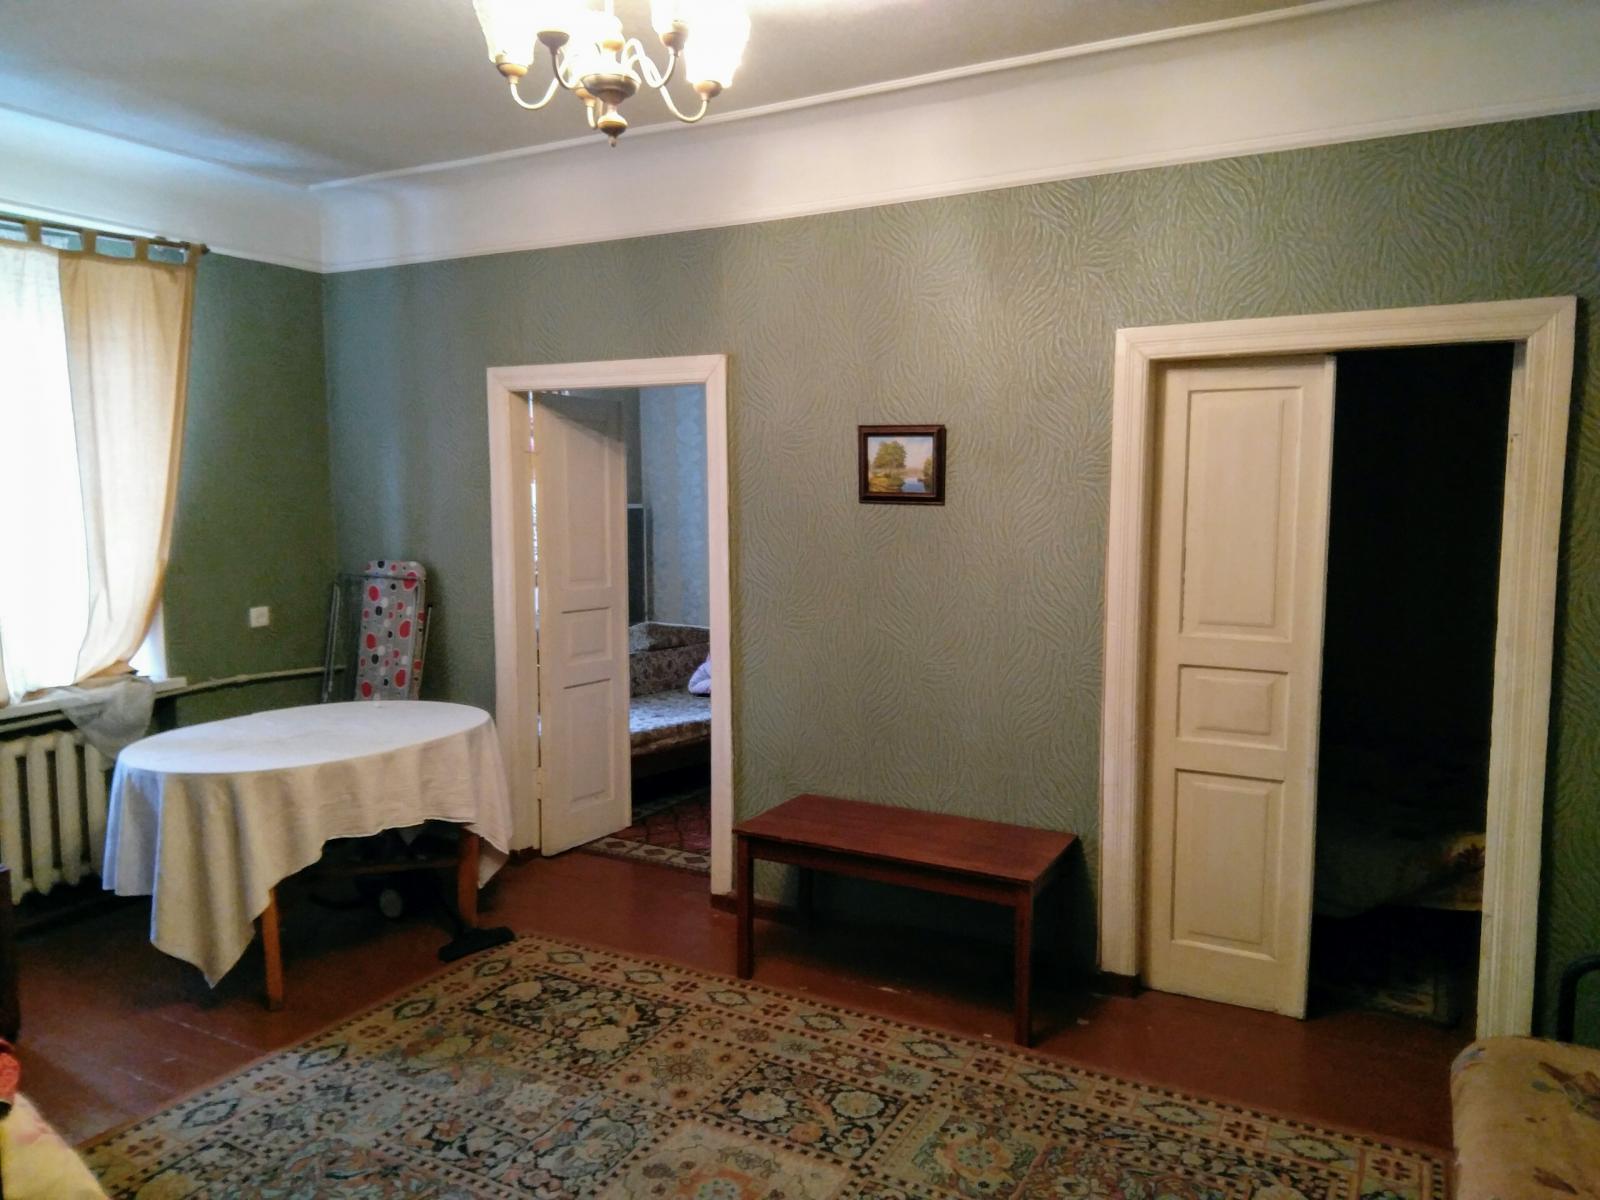 69b2057eadc17 Продам квартиру Днепропетровск, Коцюбинского ул.: 35 500 $ - 3 ...